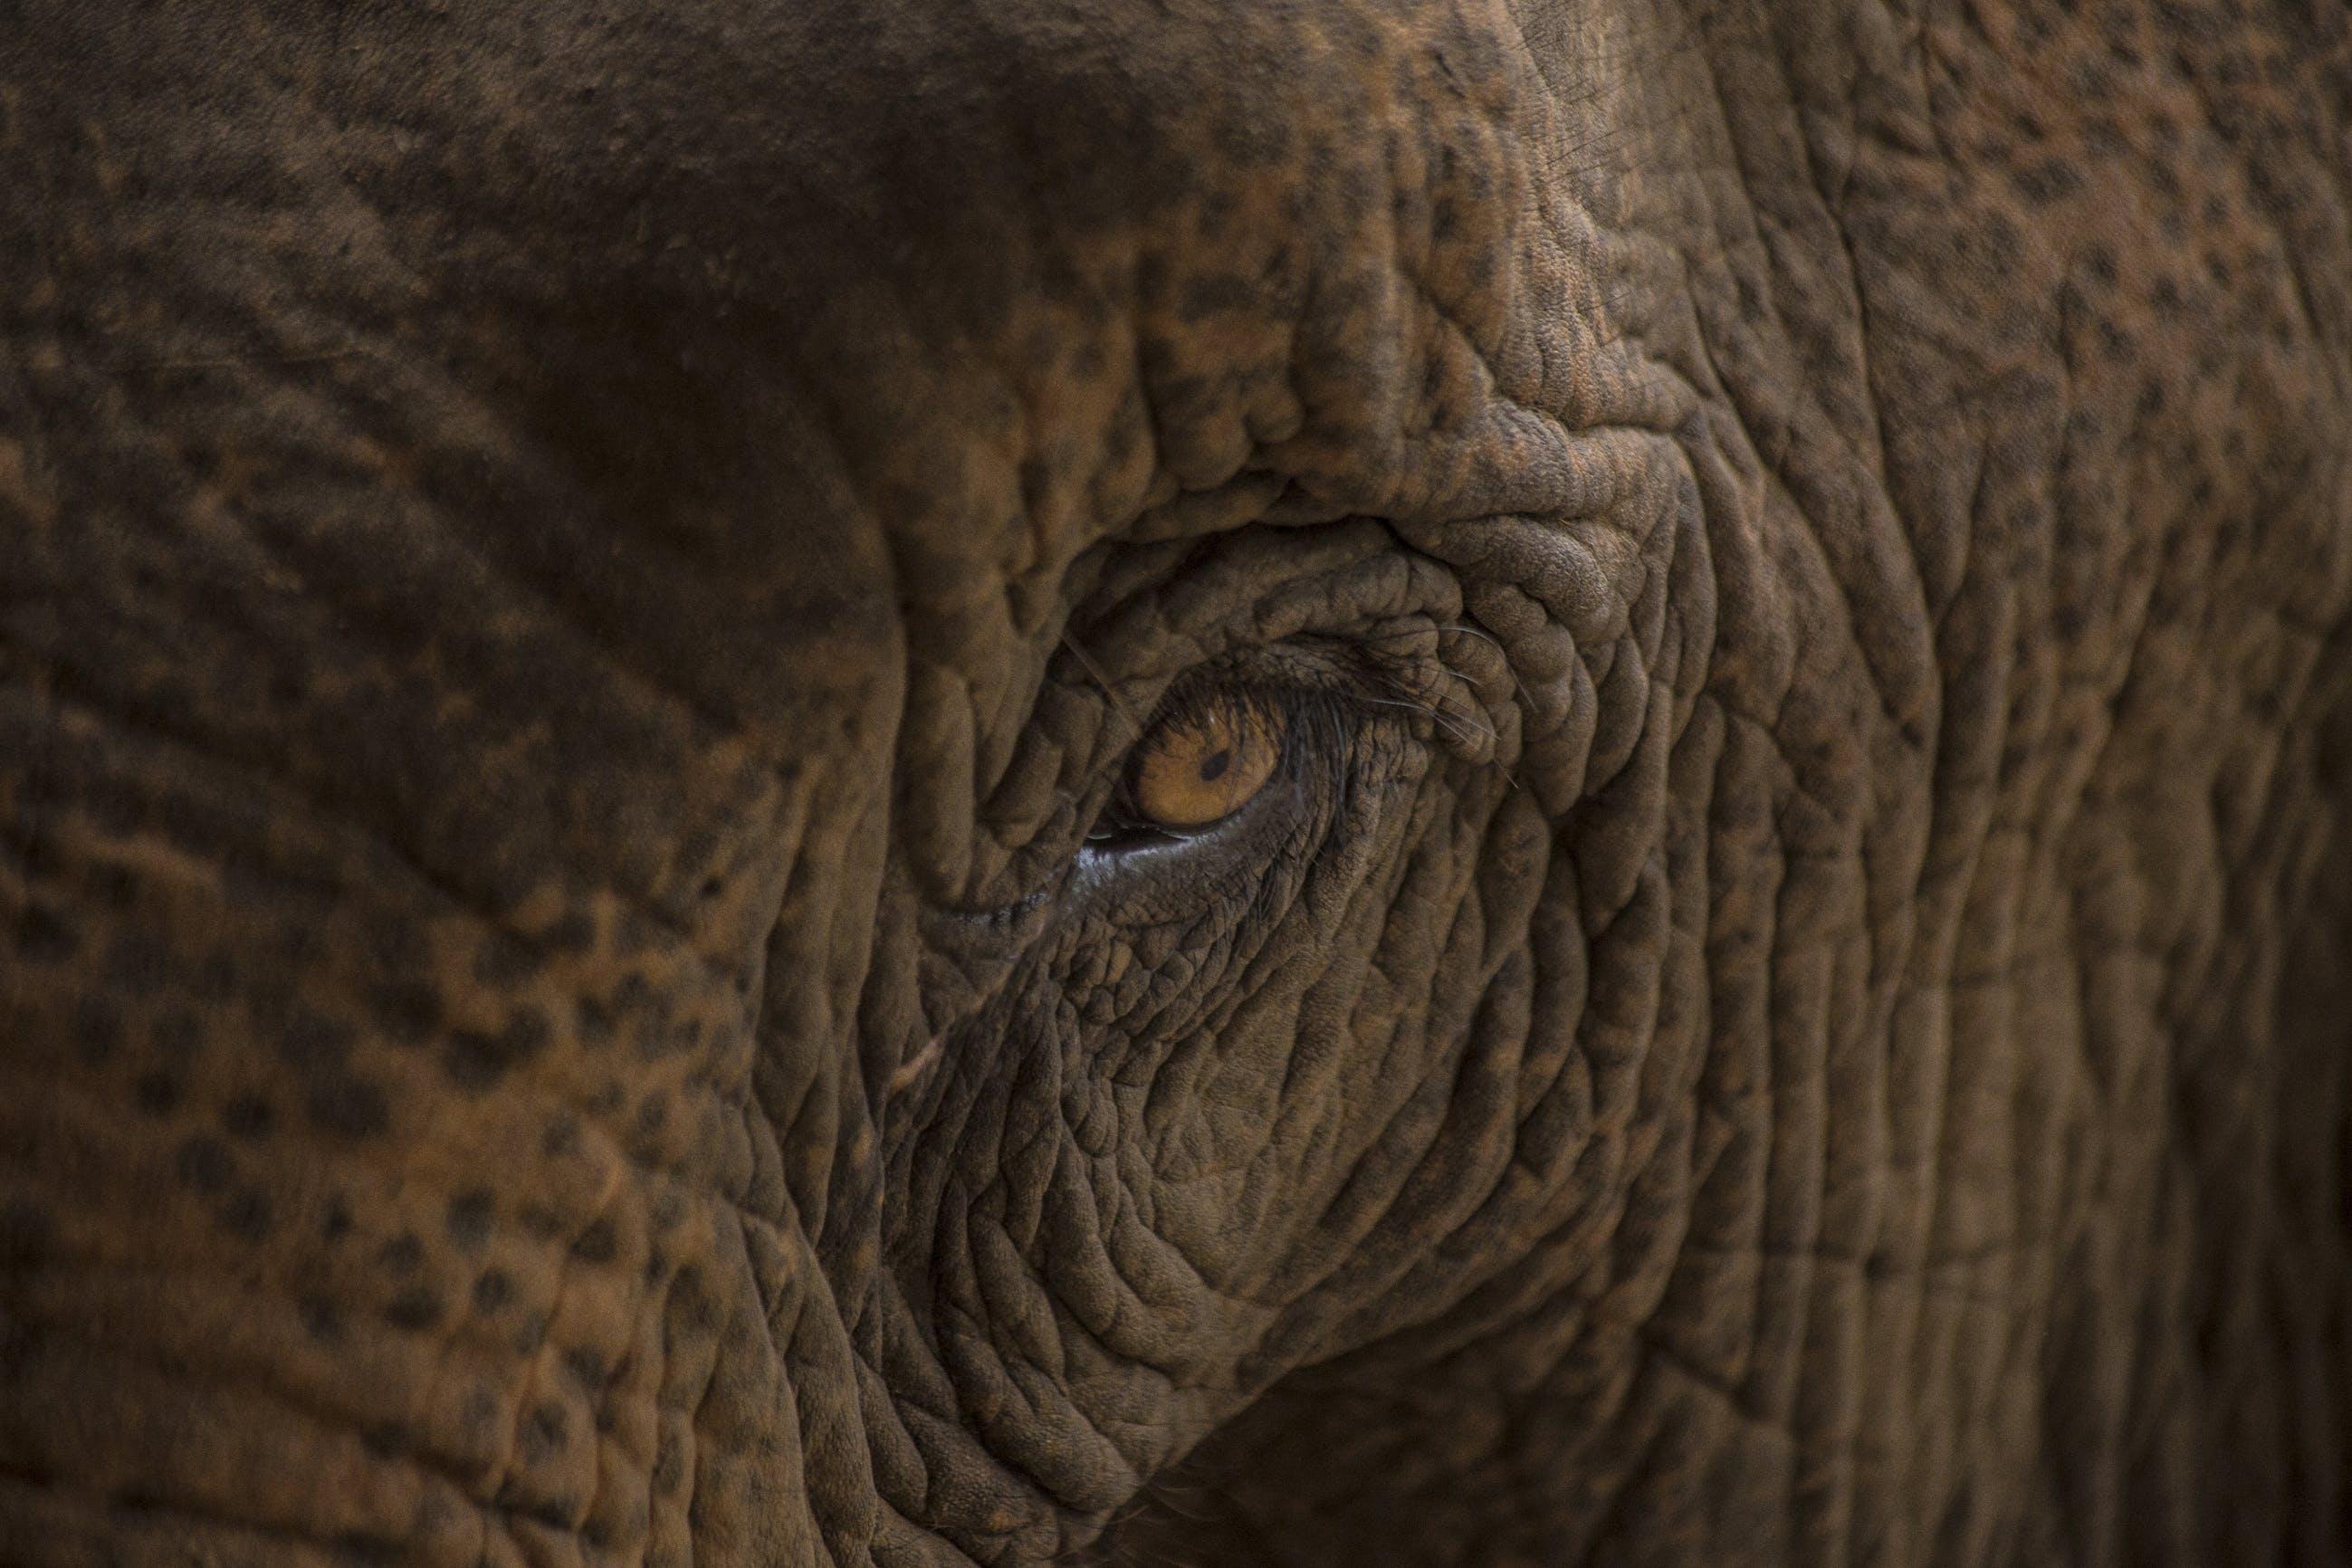 Základová fotografie zdarma na téma Afrika, bestie, divoký, kmen